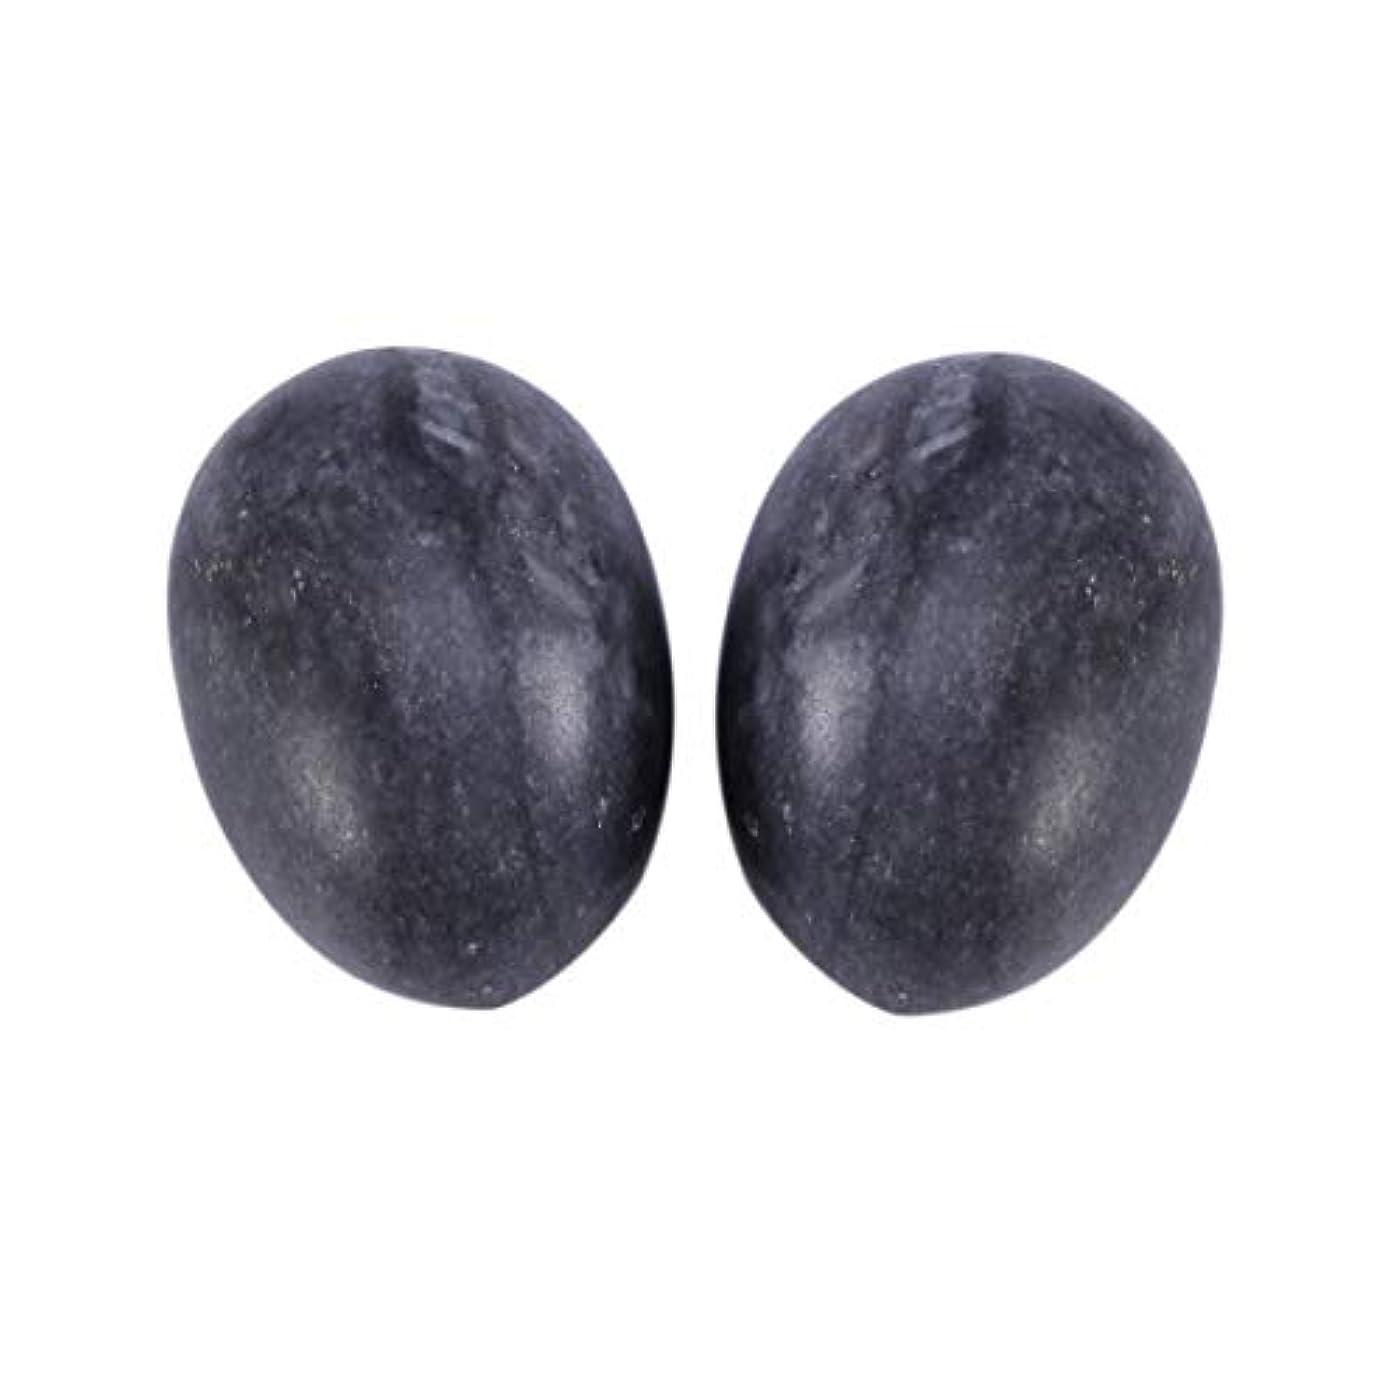 成熟した落ち込んでいる一口Healifty 6PCS翡翠Yoni卵マッサージ癒しの石のケゲル運動骨盤底筋運動(黒)